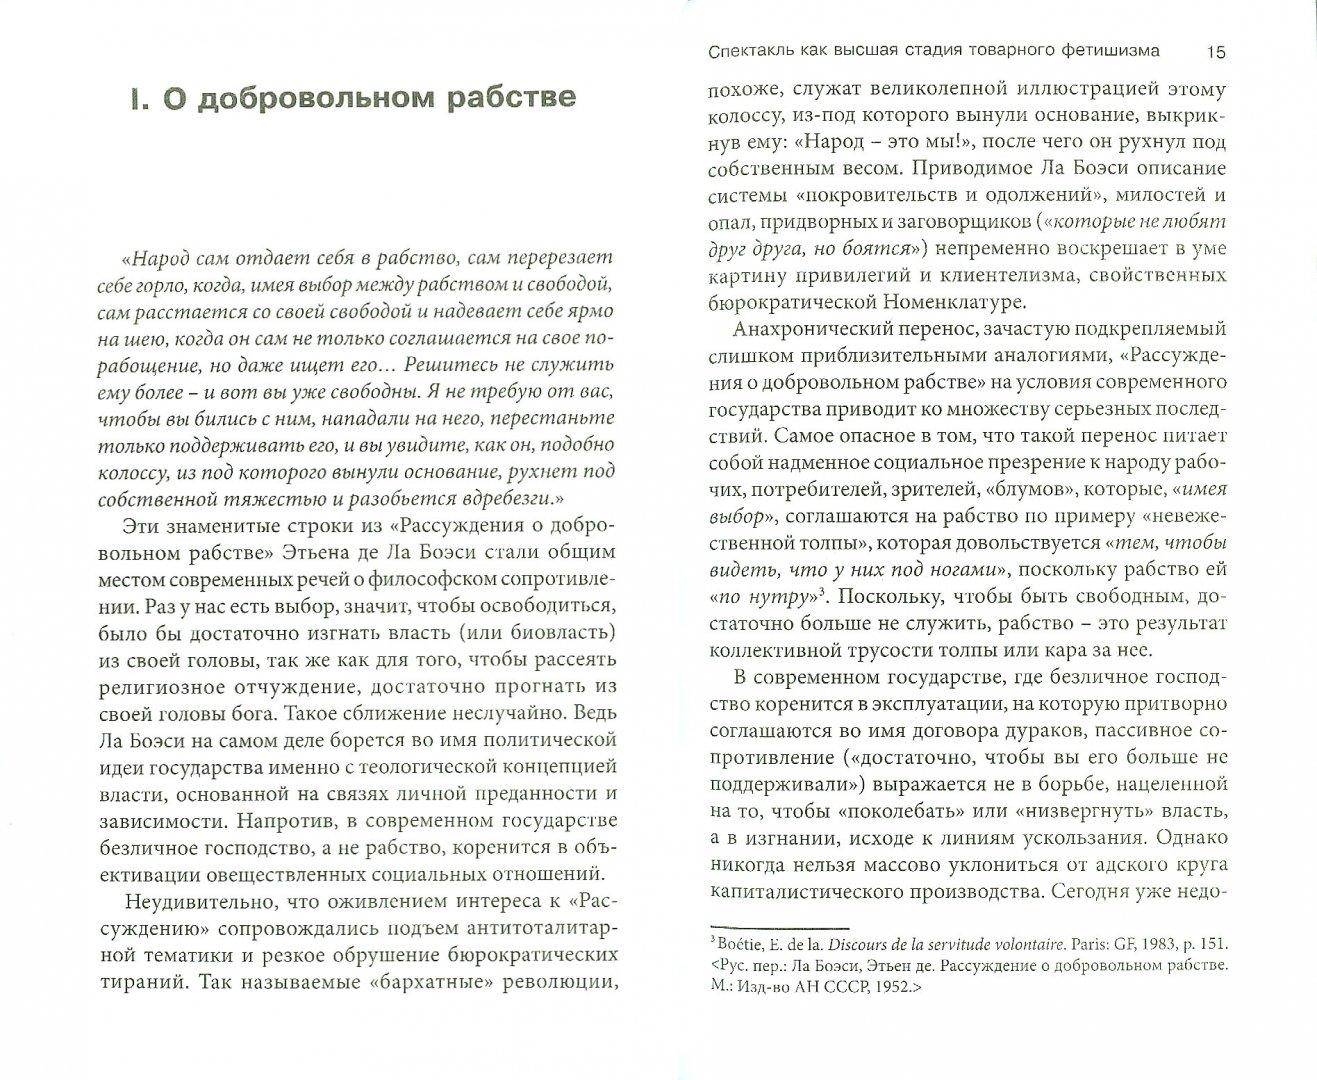 Иллюстрация 1 из 8 для Спектакль как крайняя форма товарного фетишизма - Даниэль Беснсаид   Лабиринт - книги. Источник: Лабиринт